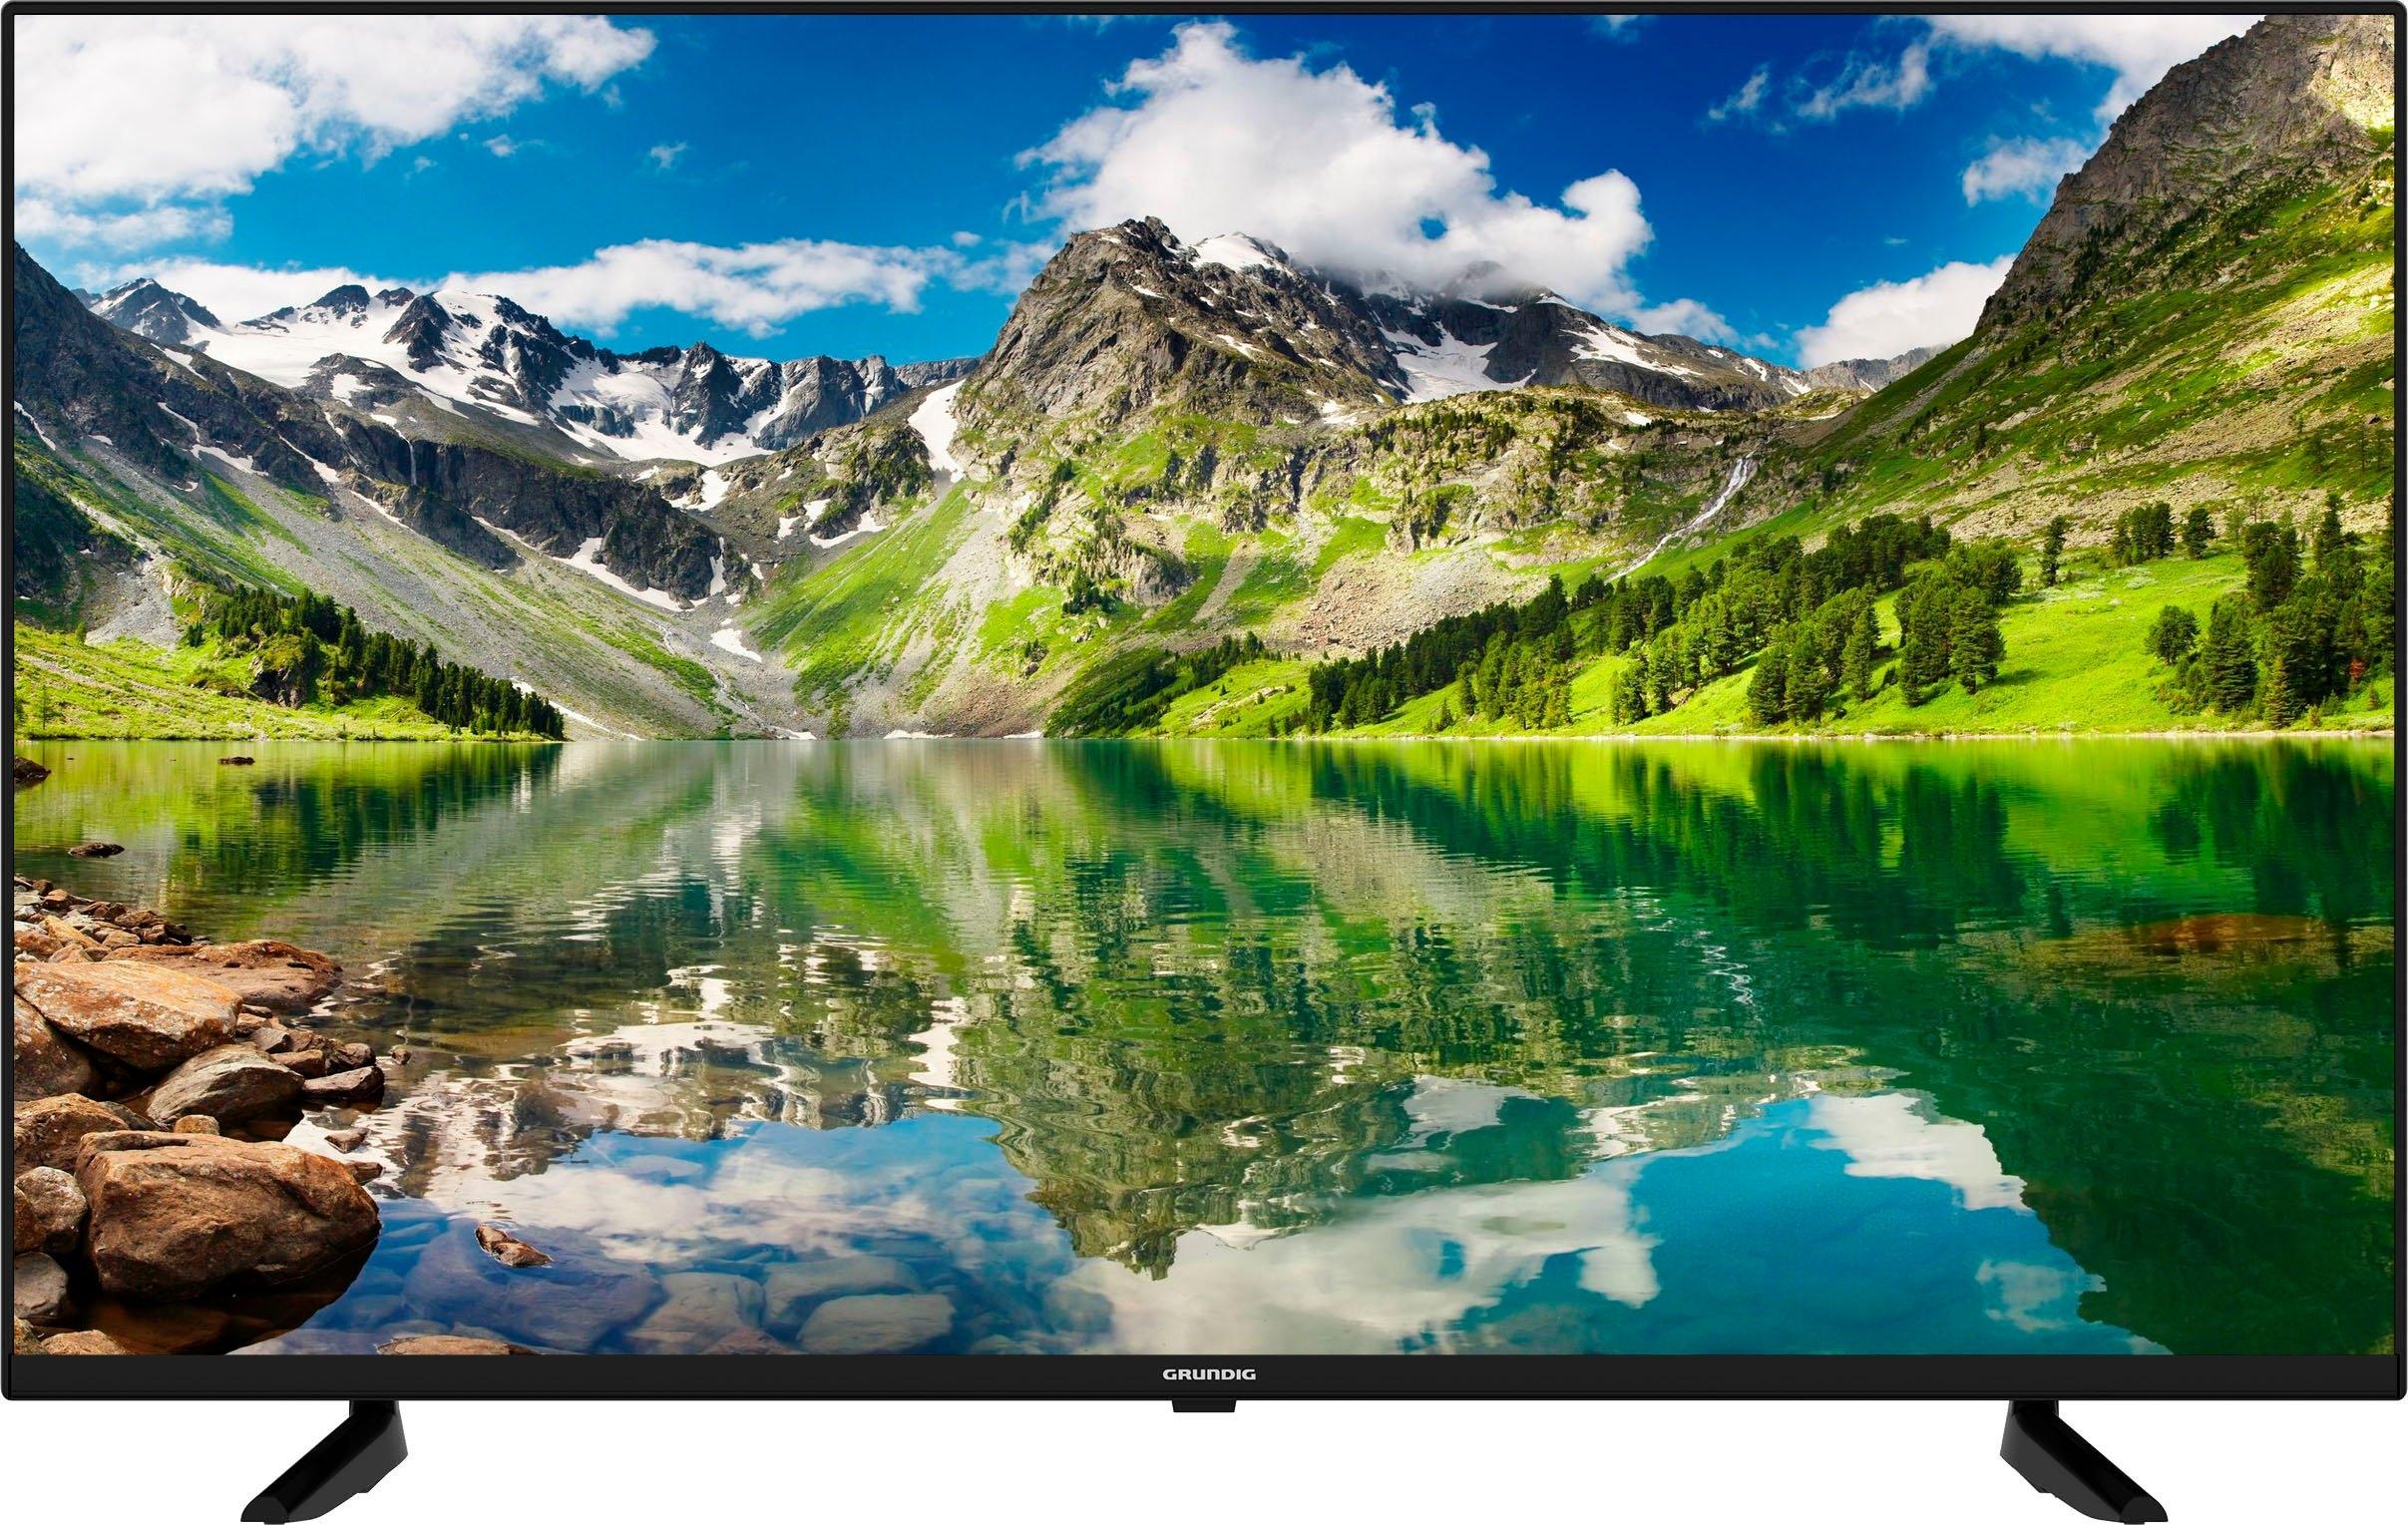 Grundig 50 VOE 20 LED-tv (126 cm / (50 inch), 4K Ultra HD, Smart-TV bestellen: 30 dagen bedenktijd